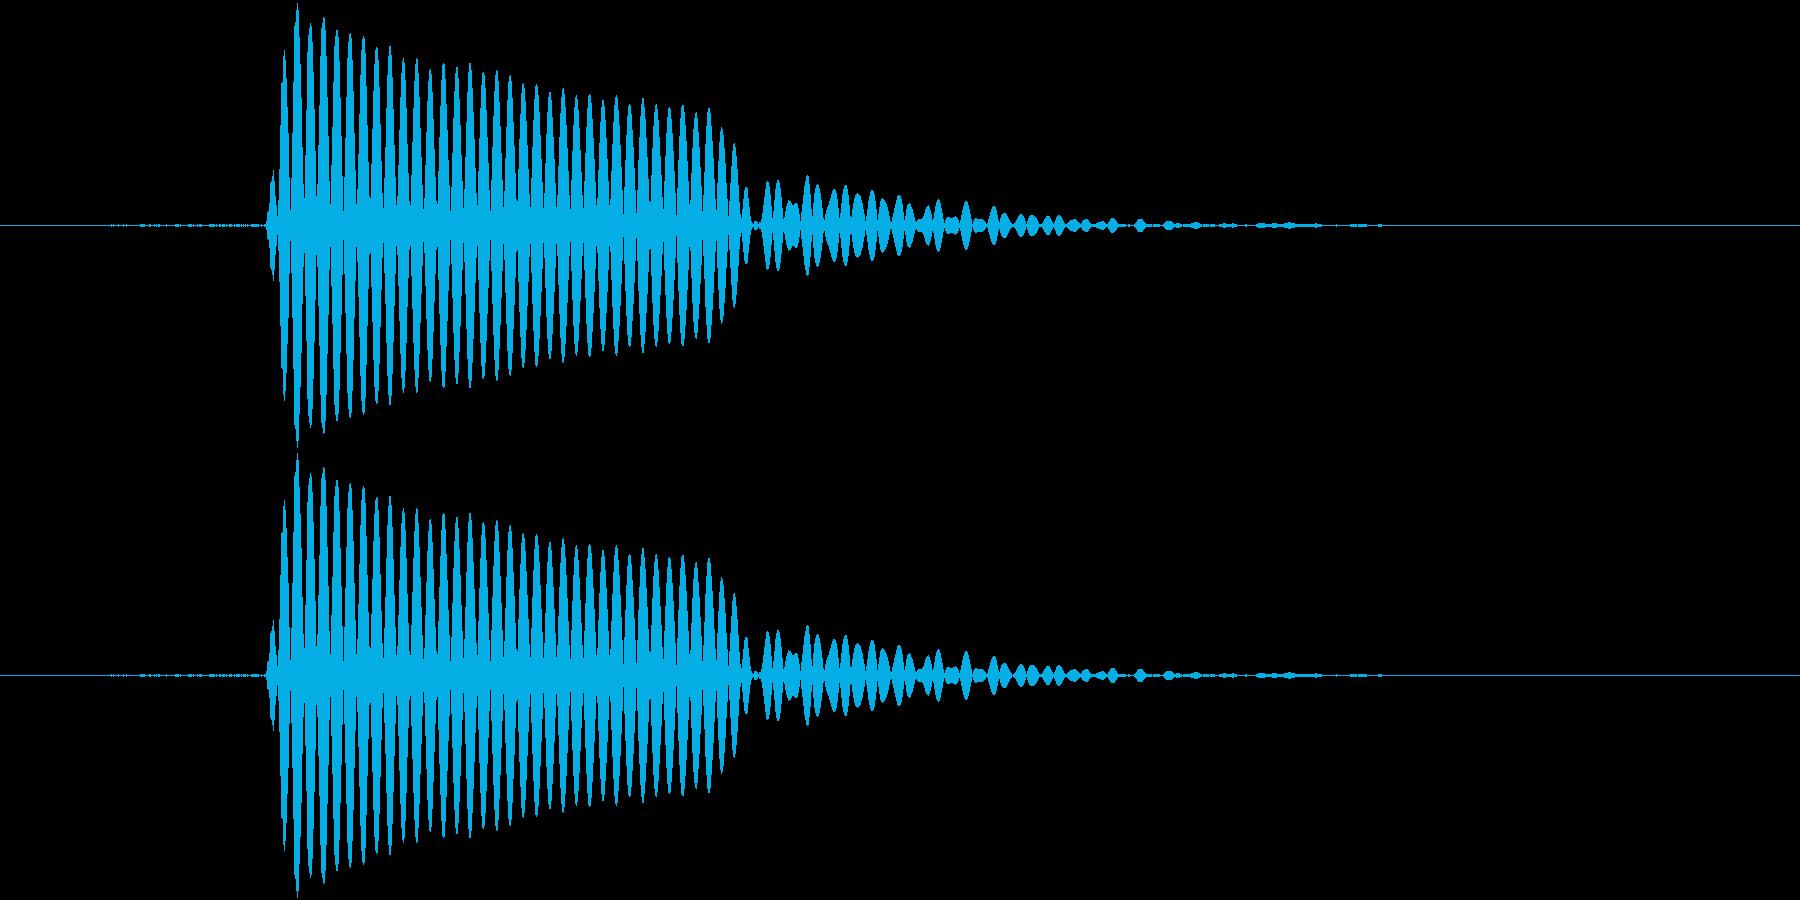 ポ(筒をたたいた音)の再生済みの波形